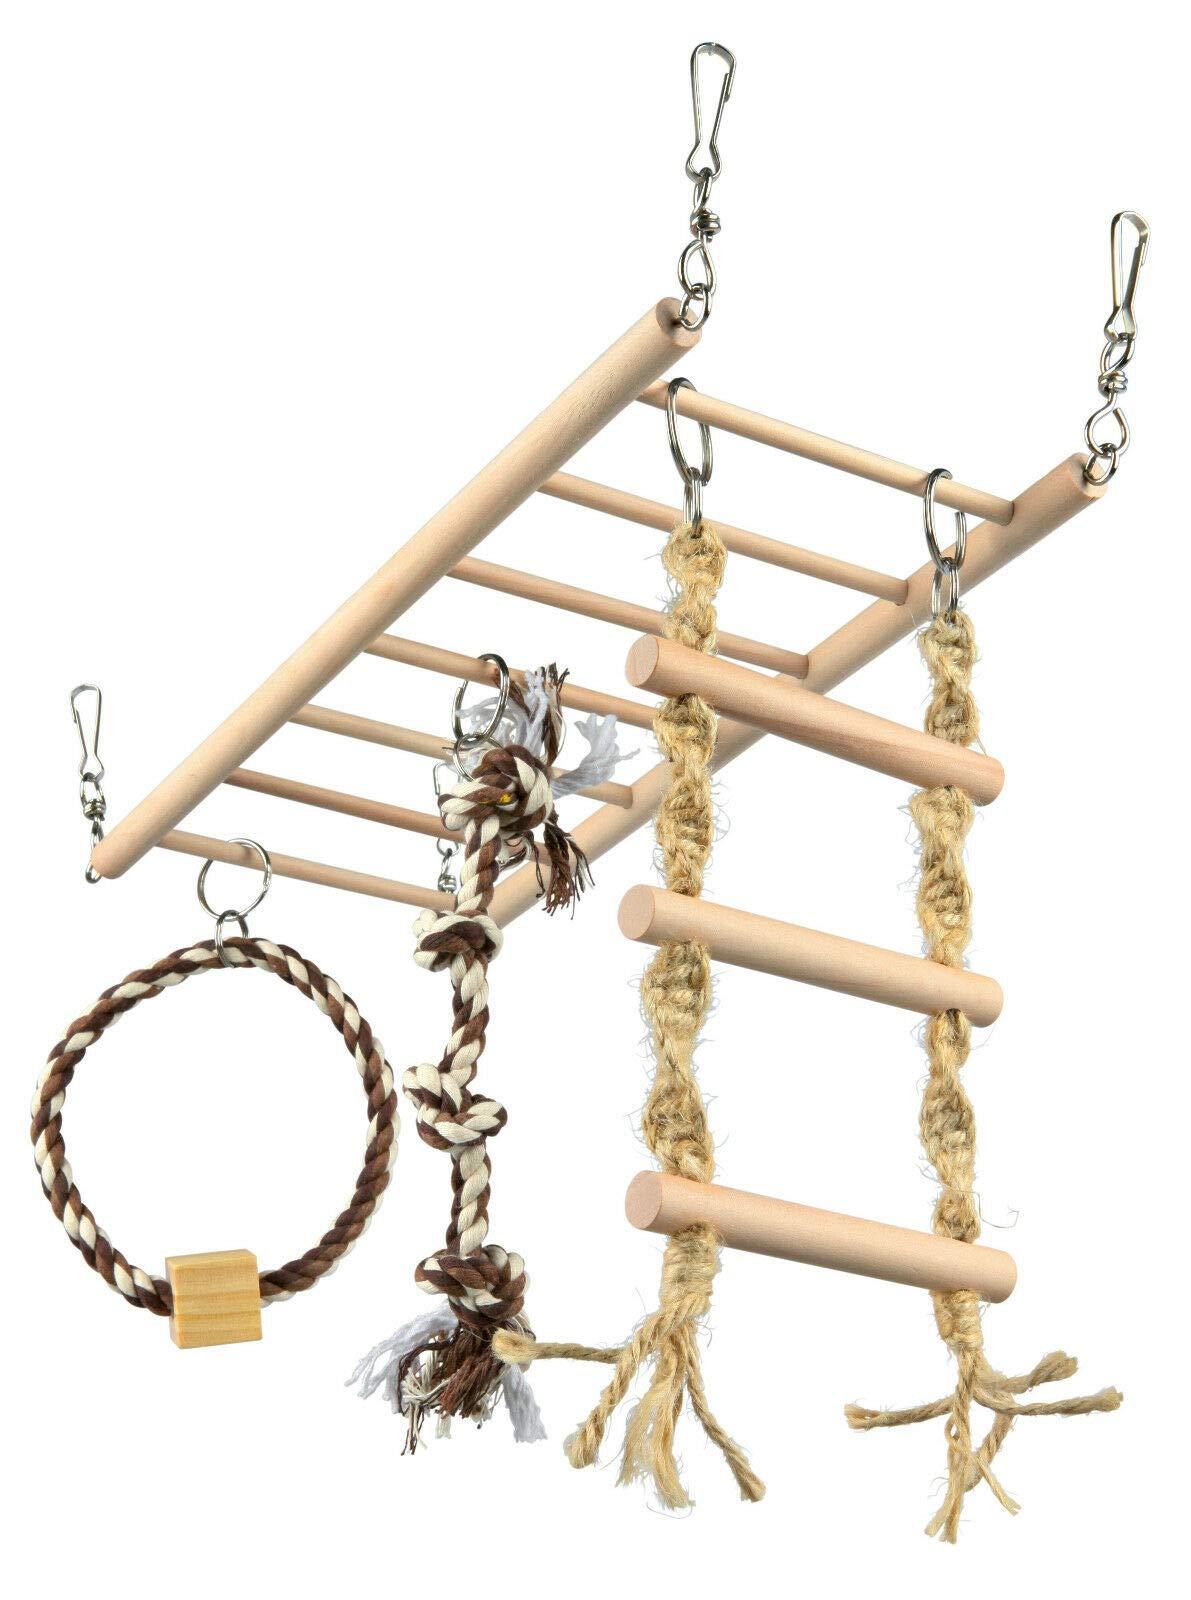 Trixie Pet Products 6905 Suspension Bridge, 35 x 15cm by Trixie